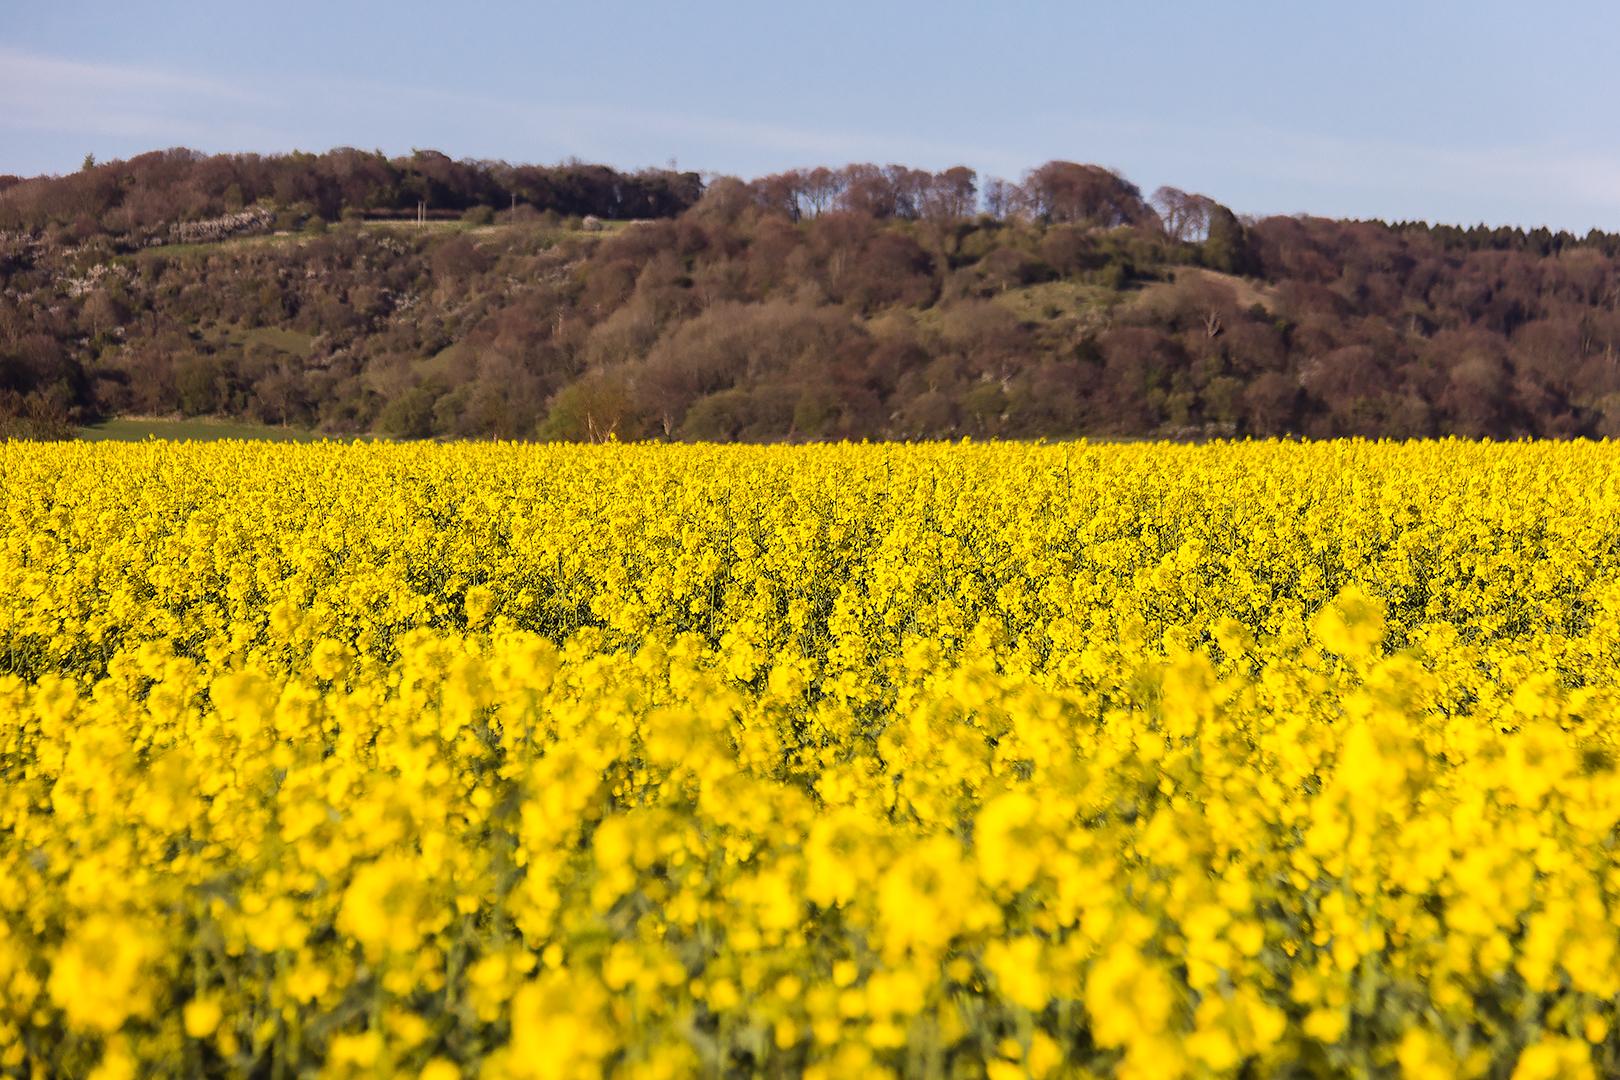 A rapeseed field in Buckinghamshire